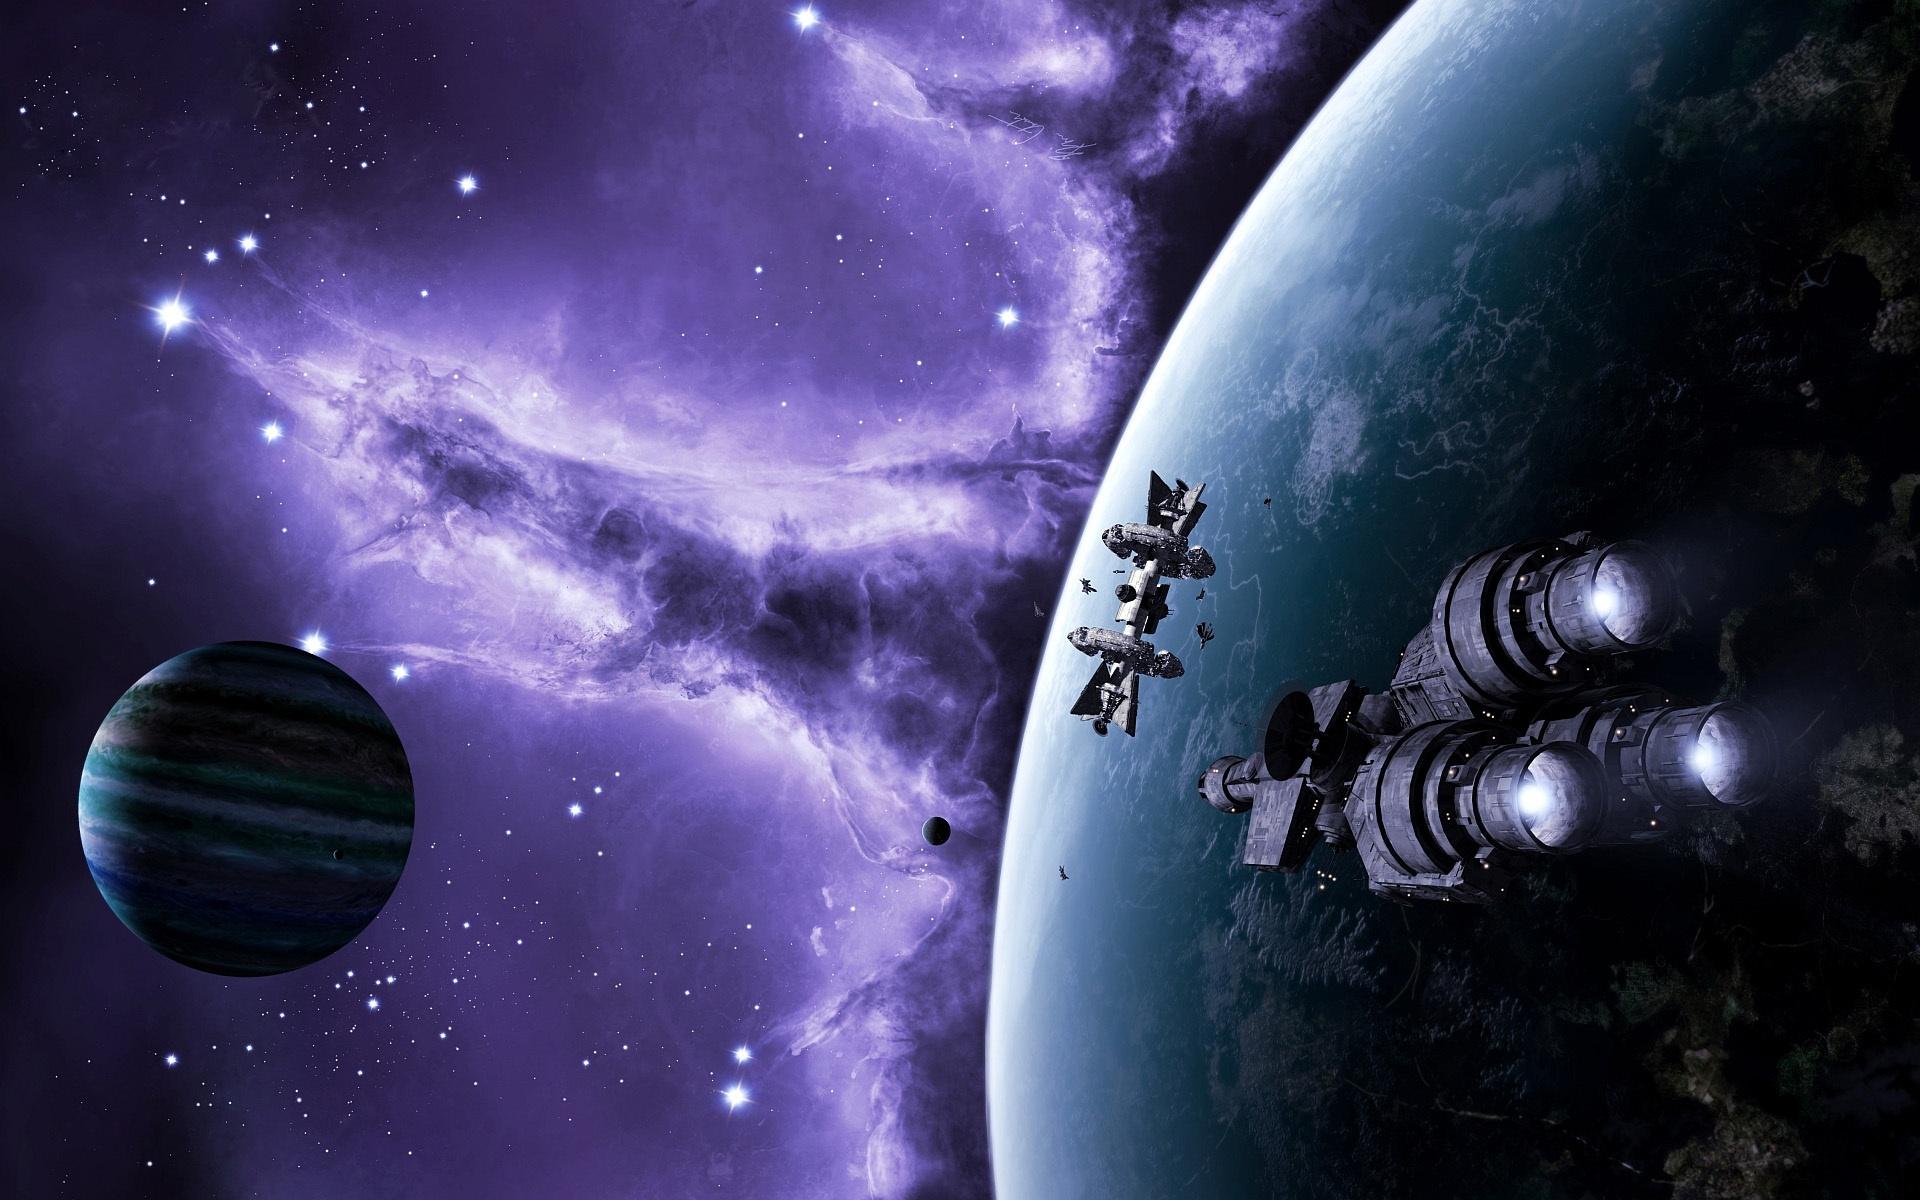 Обои Красная планета горизонт фантастика космос картинки на рабочий стол на тему Космос - скачать скачать